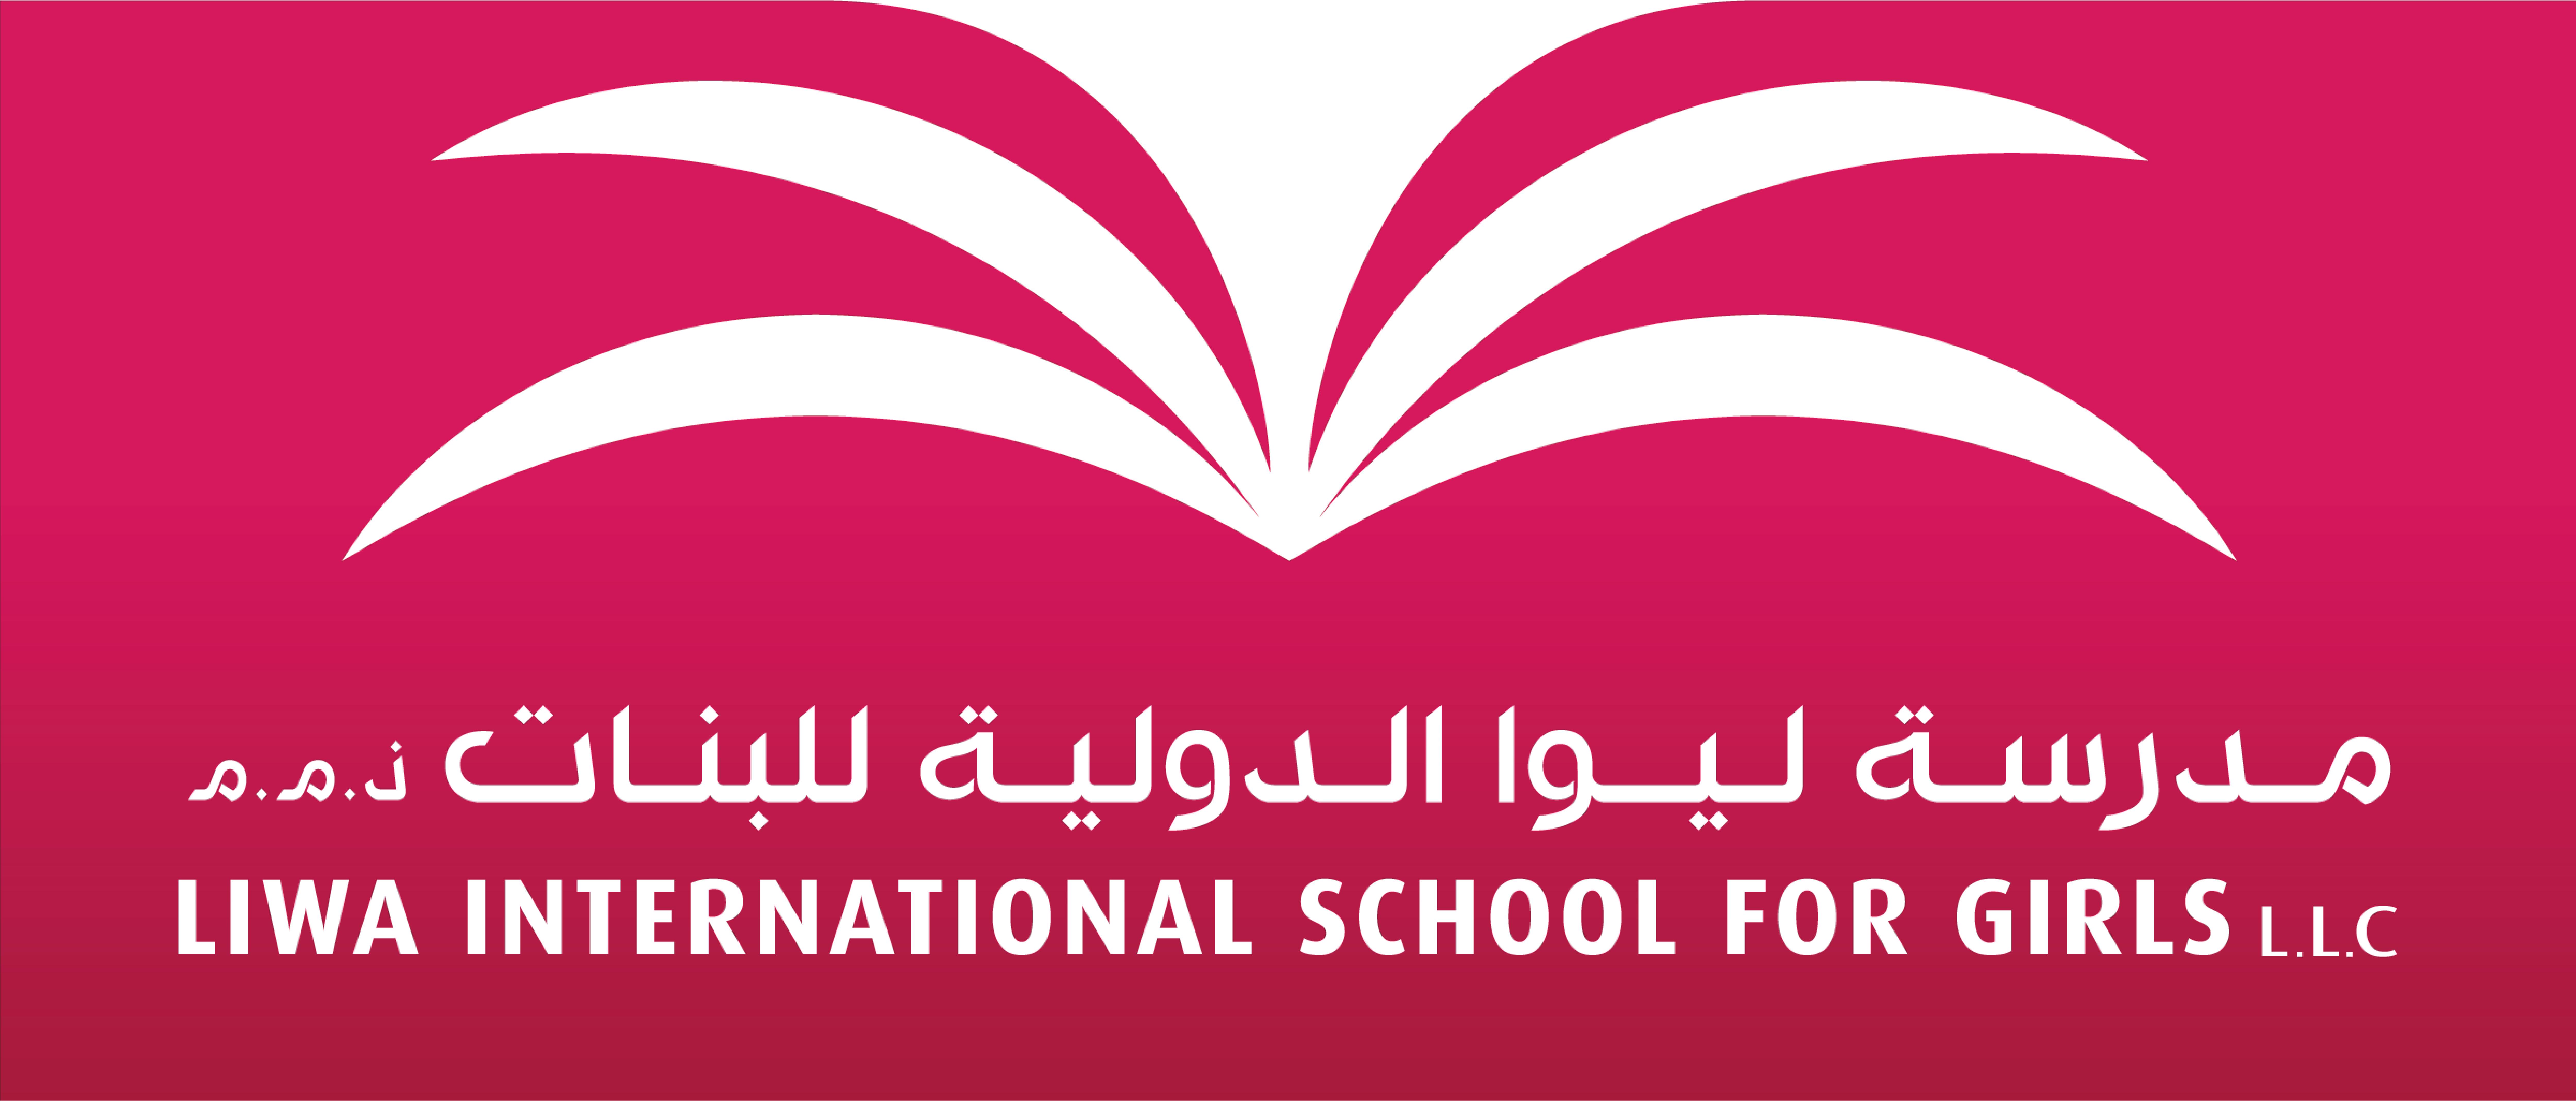 Liwa International School for Girls Logo